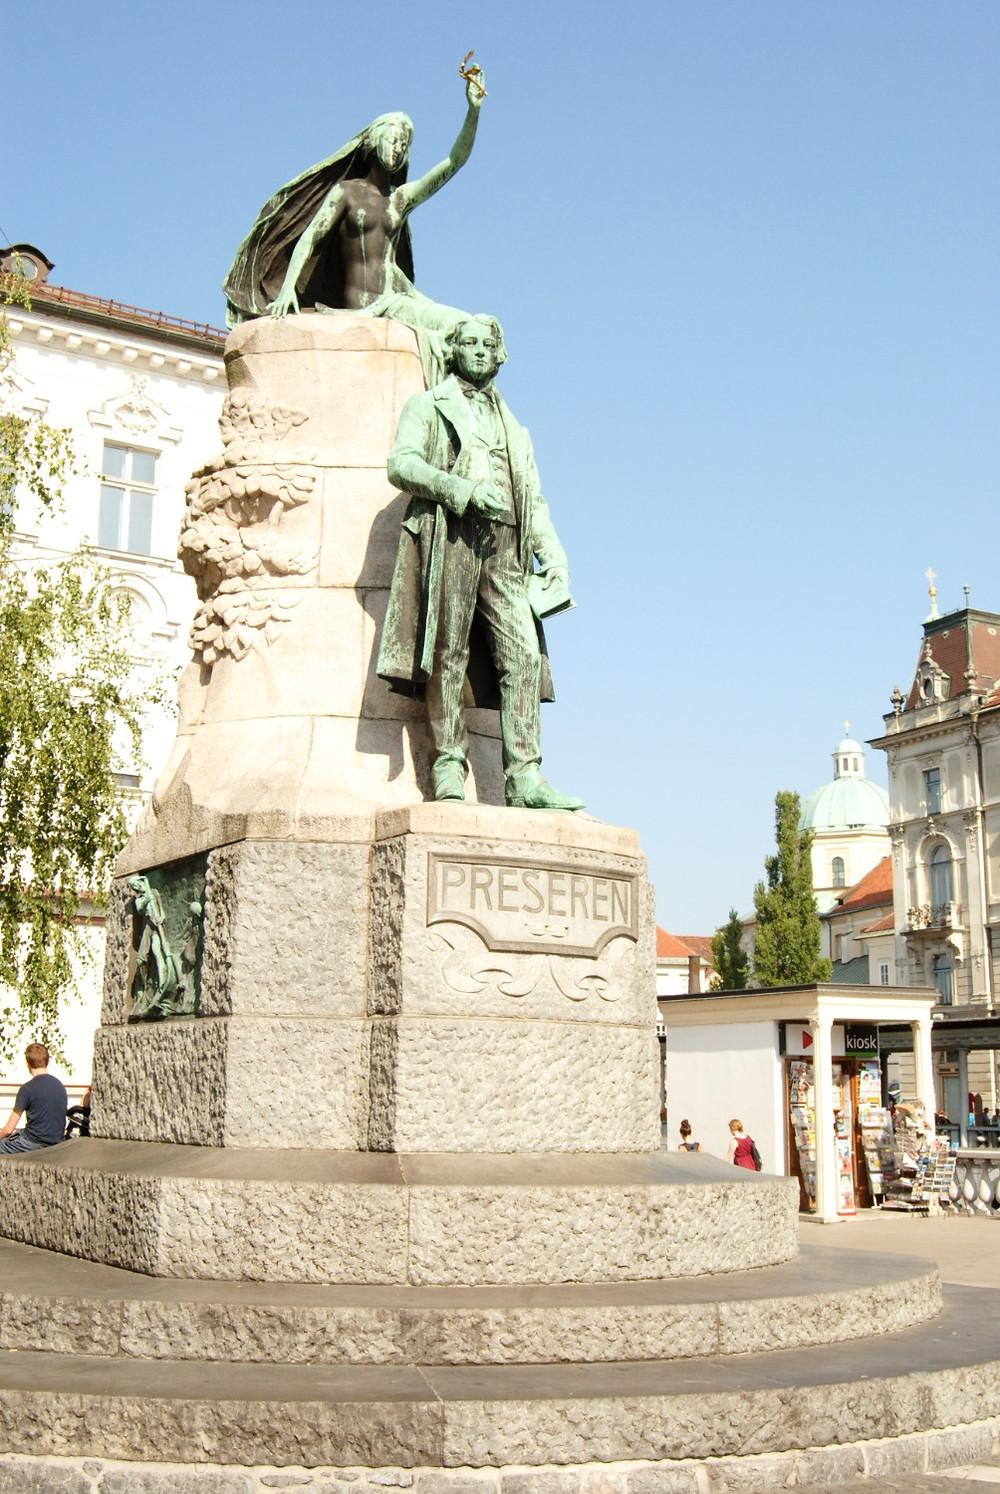 Preseren - Liubliana